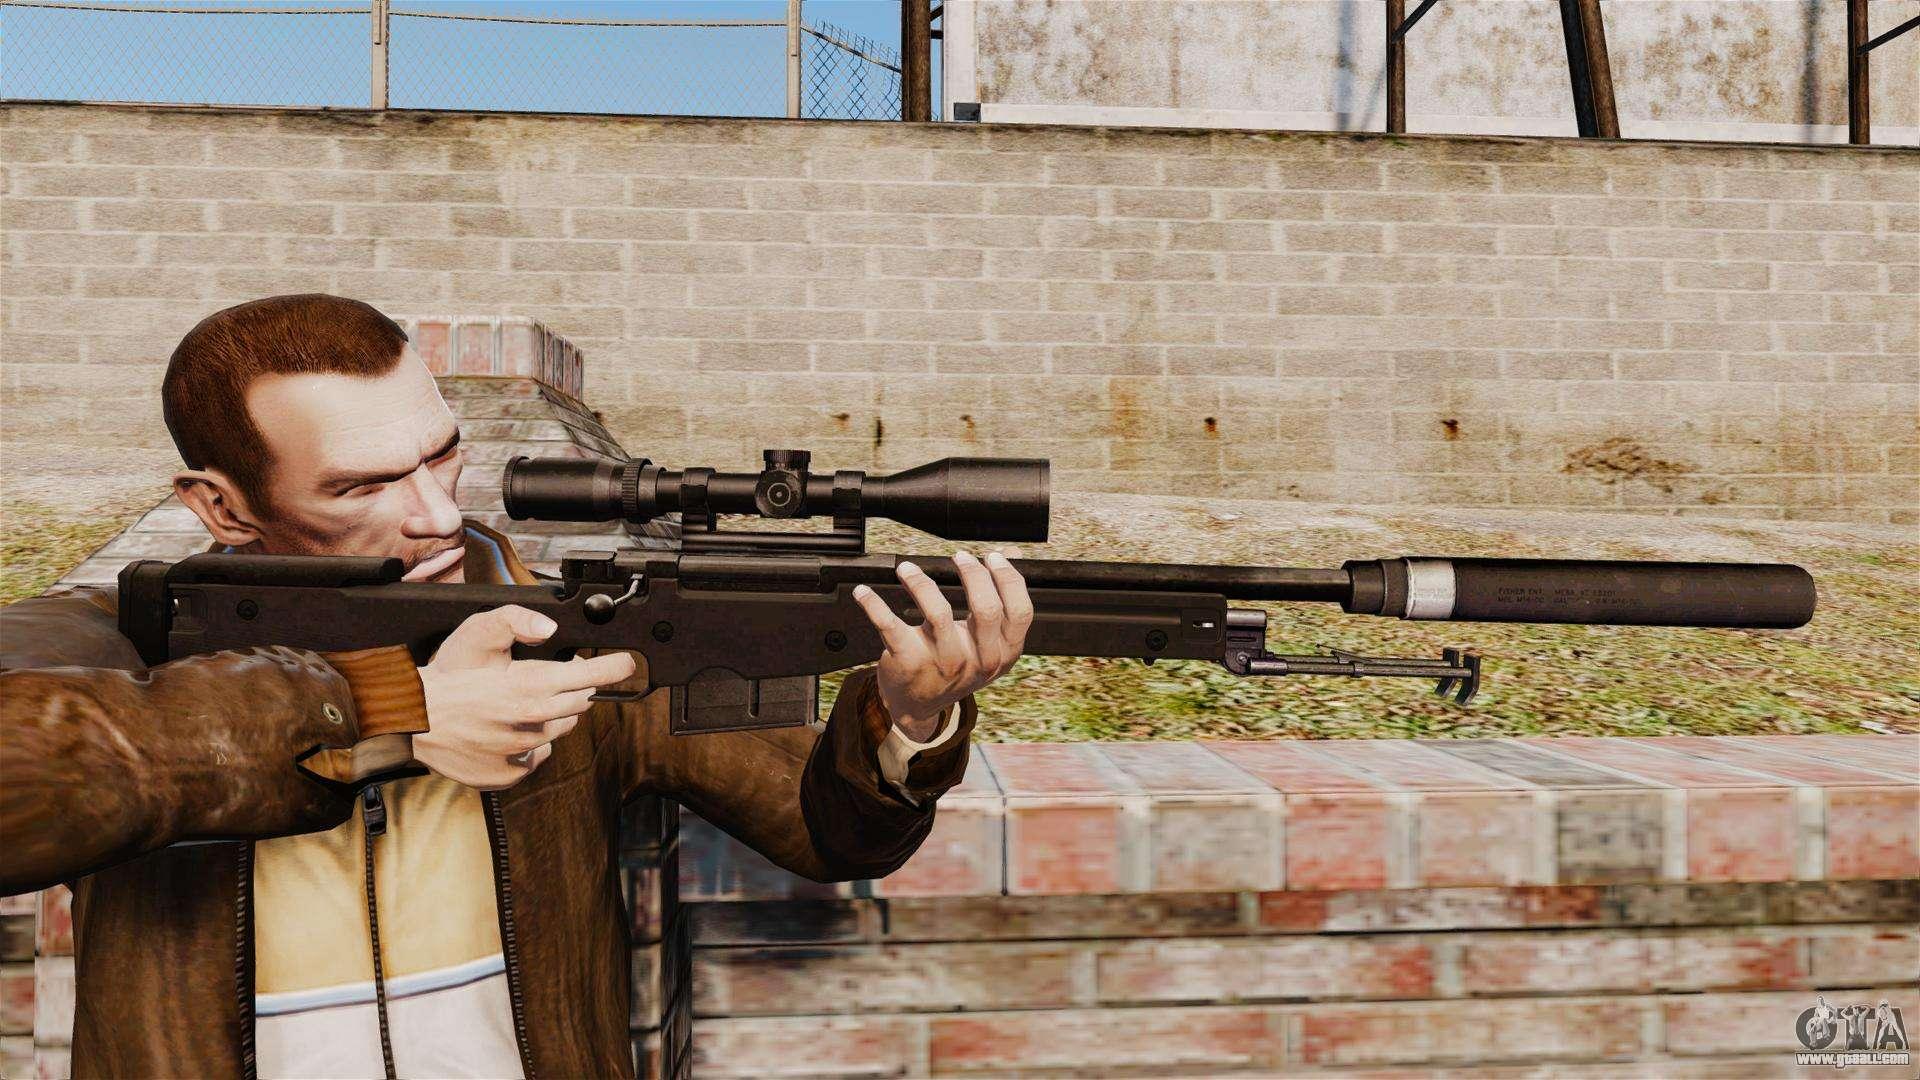 Molotov Cocktail AW L115A1 sniper rifle...